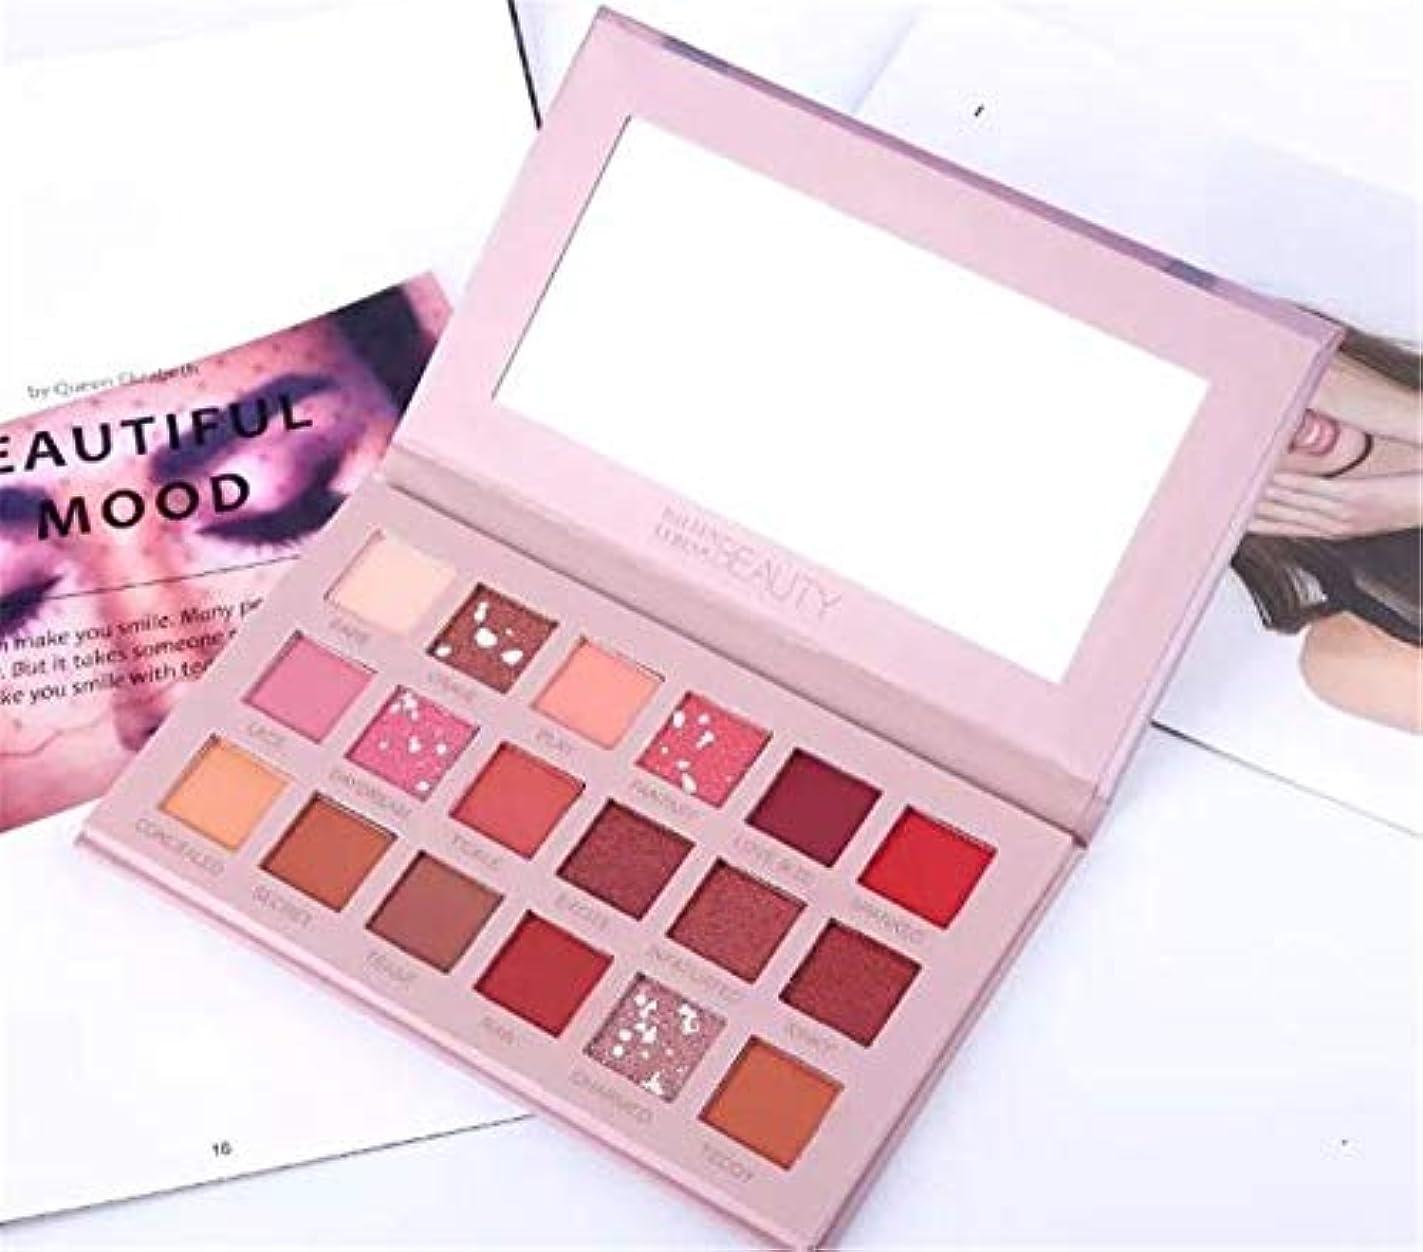 移動するエラー18色のアイシャドーの化粧品パールライト砂漠のバラのアイシャドウの美しい化粧品(3つ)